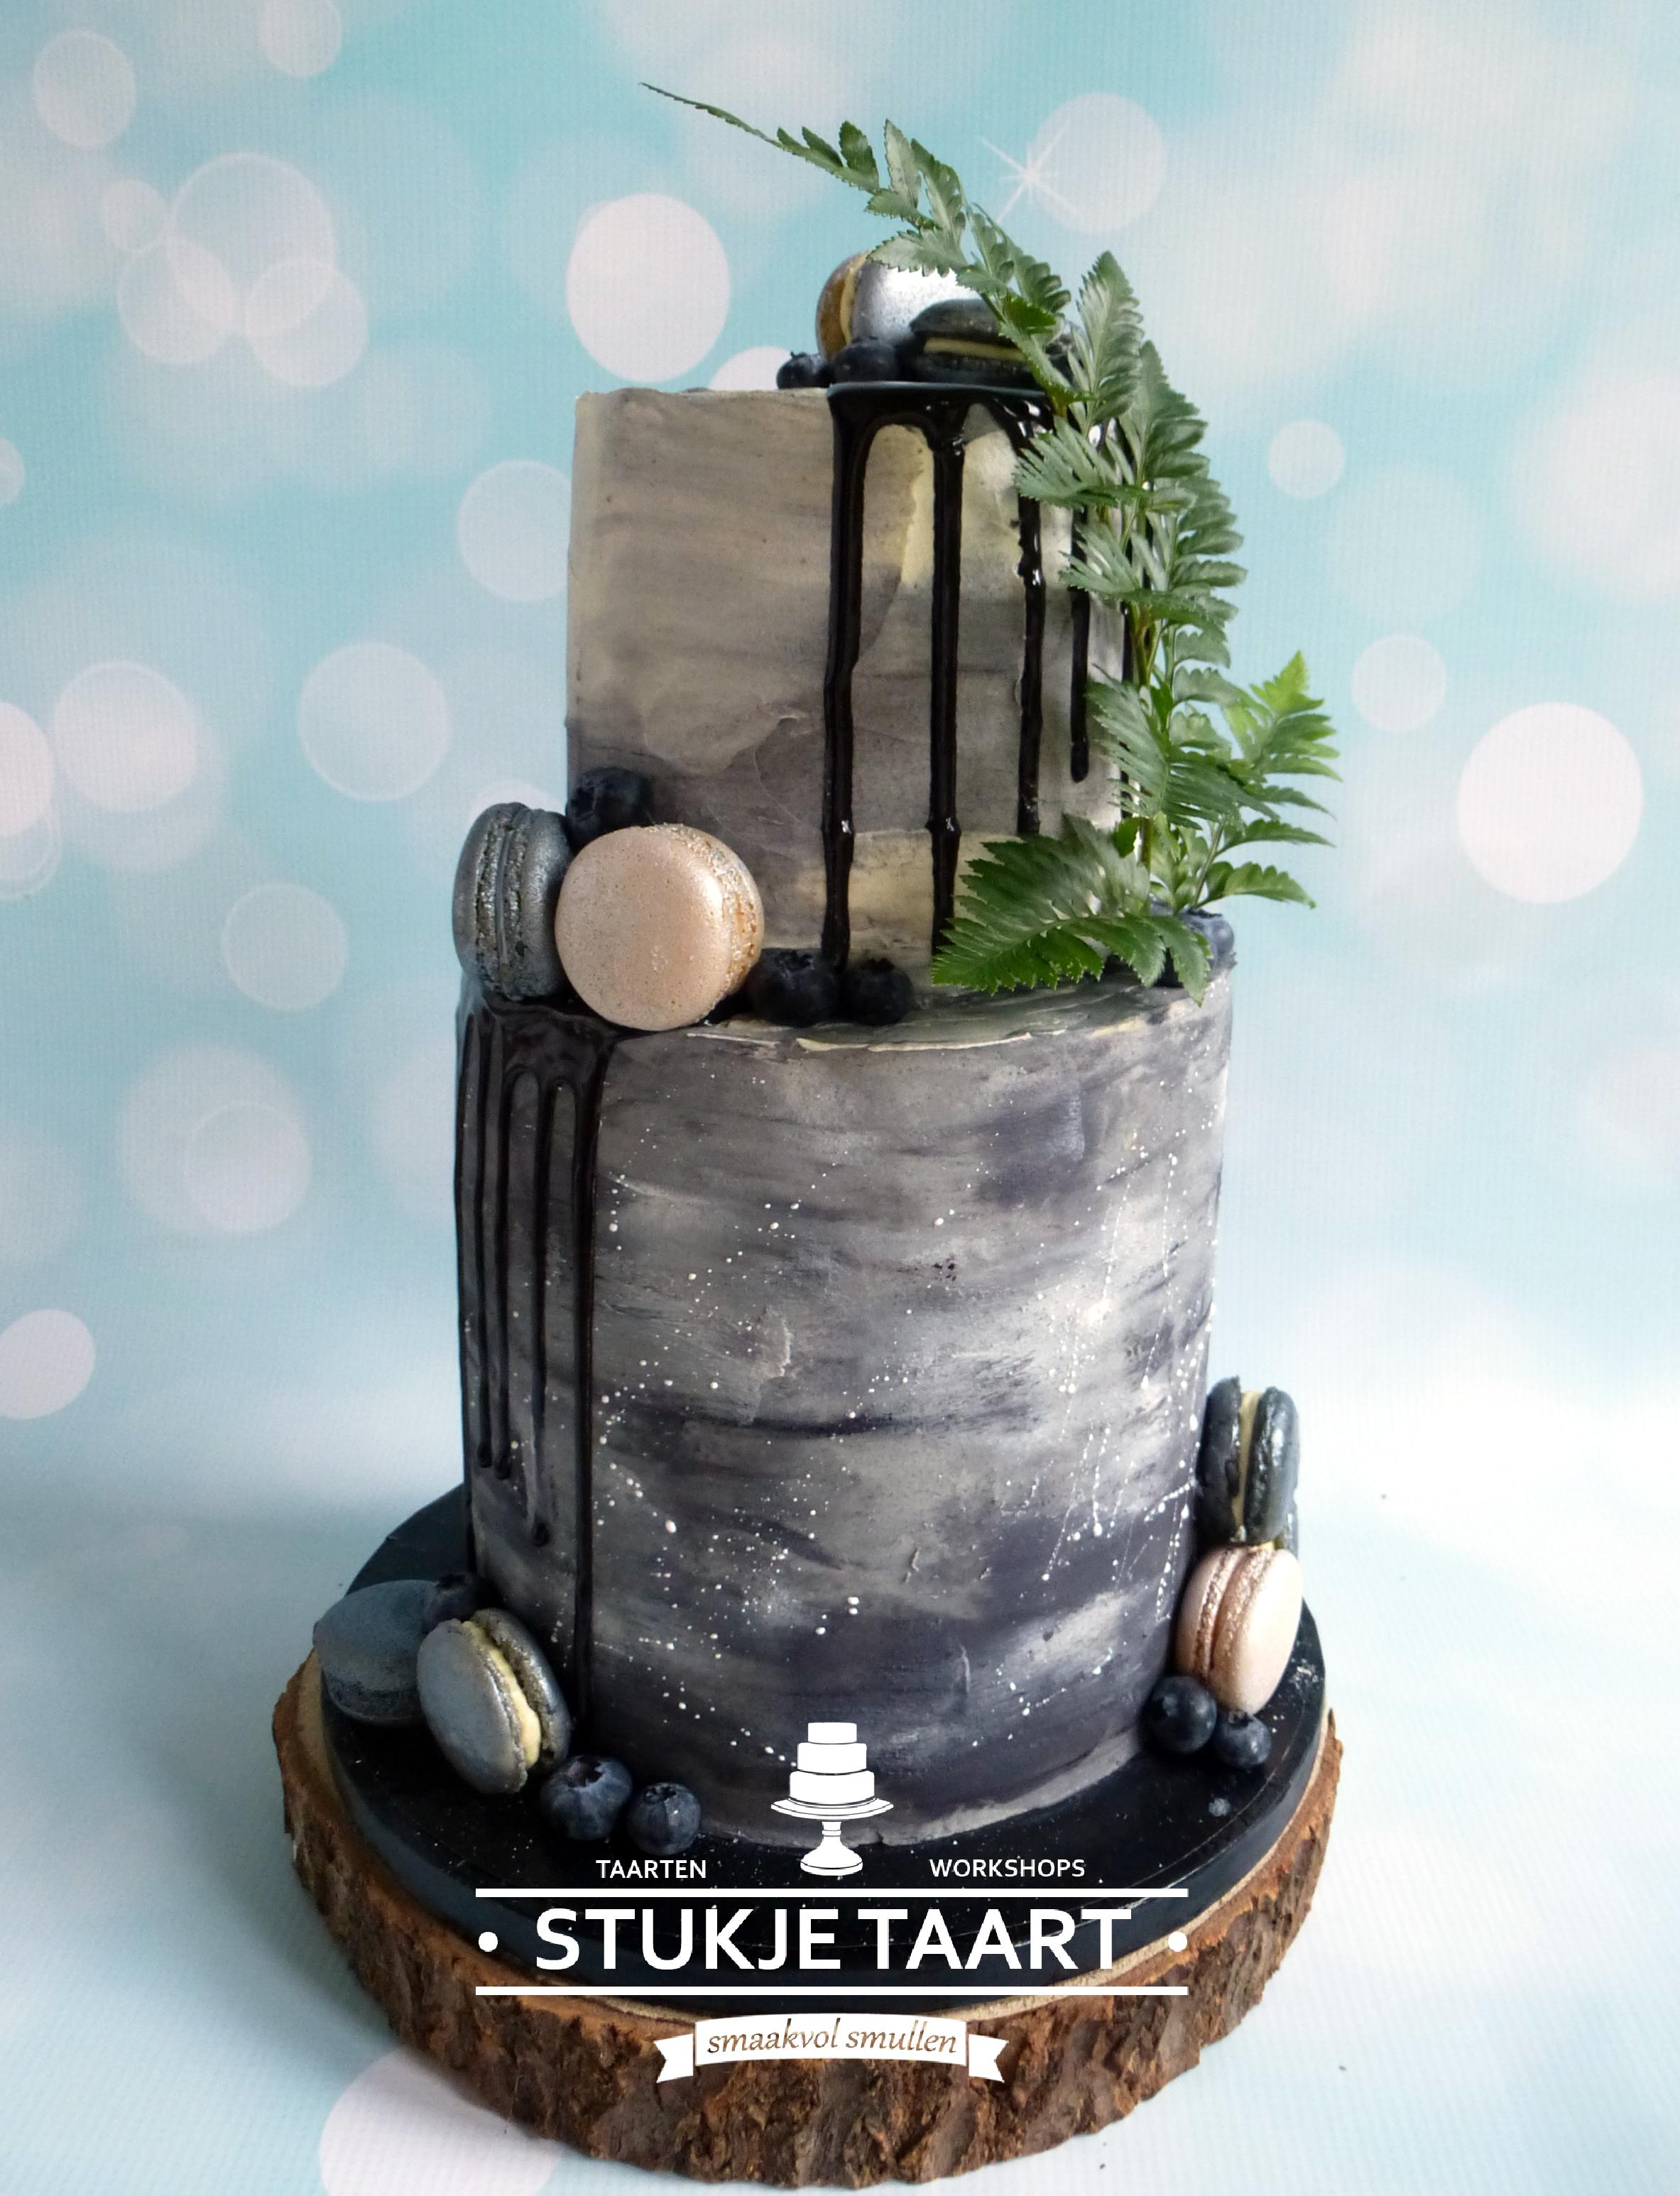 50 tinten grijs trouwtaart